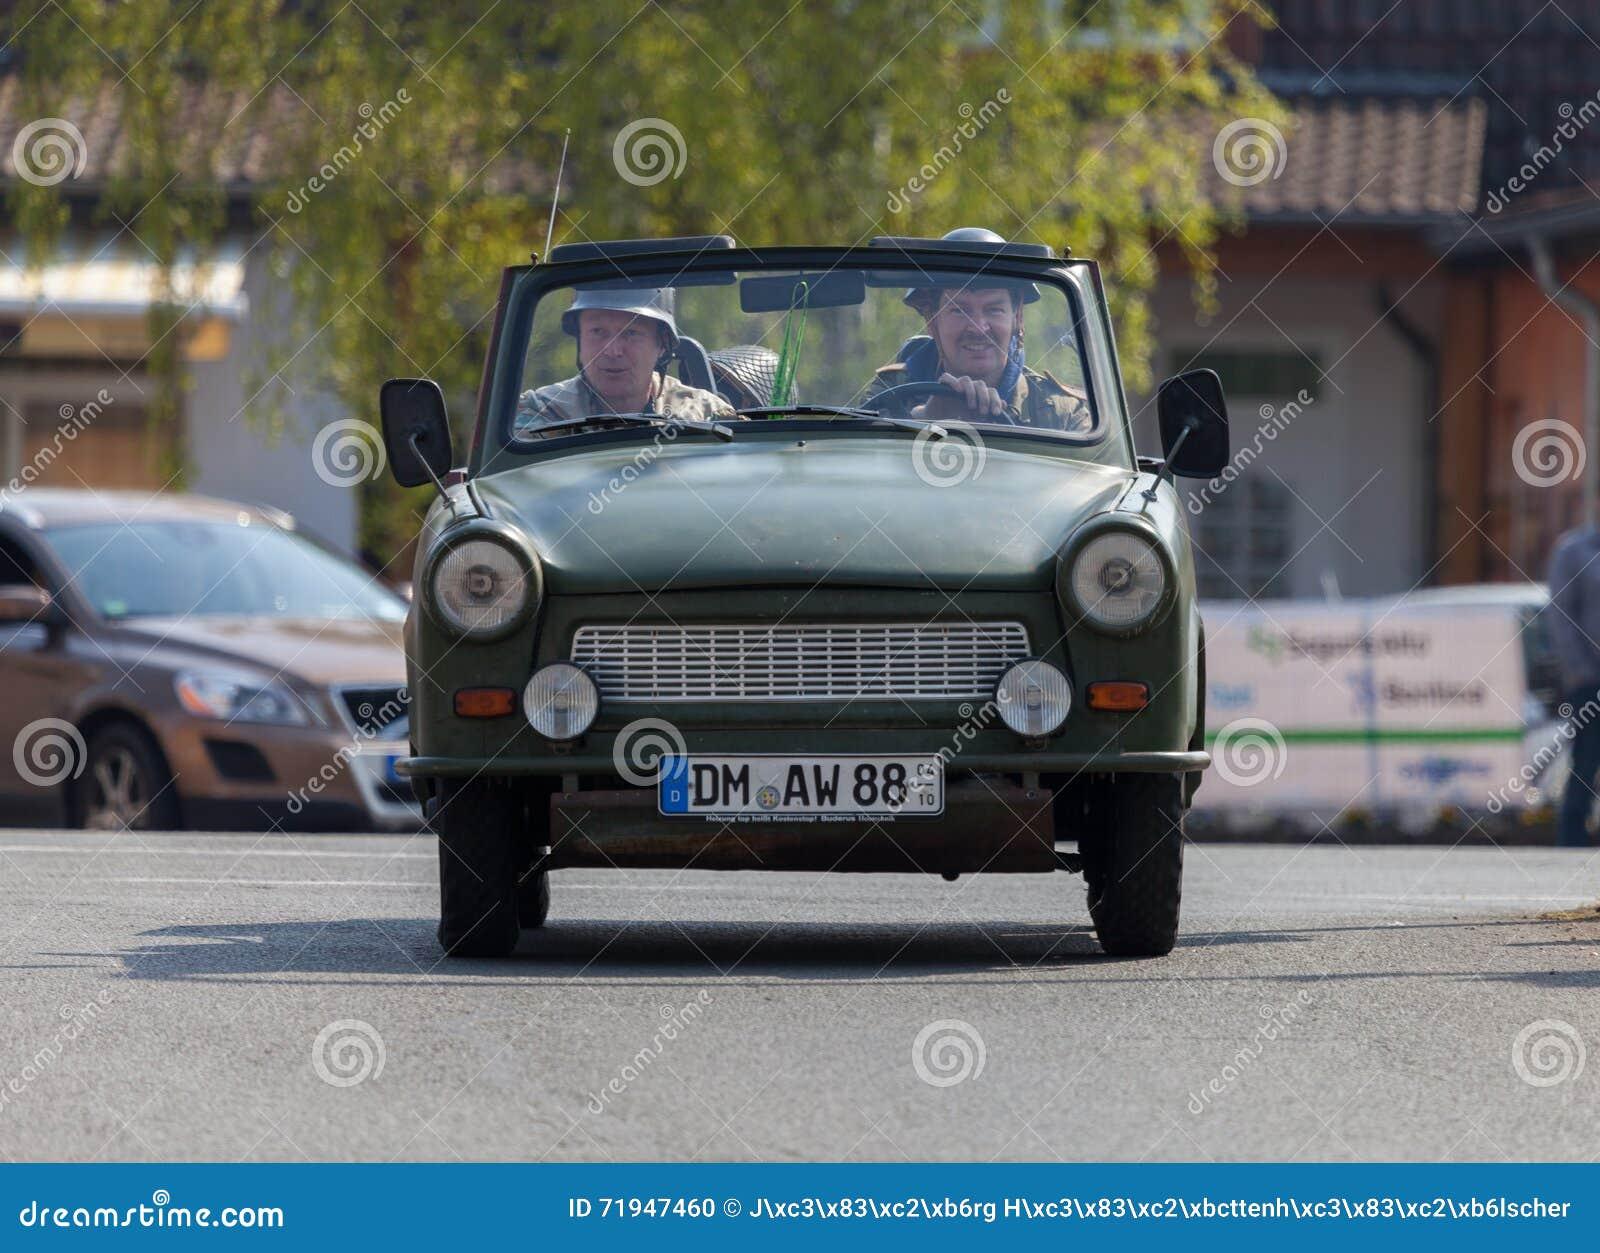 Немецкие trabant приводы автомобиля на улице